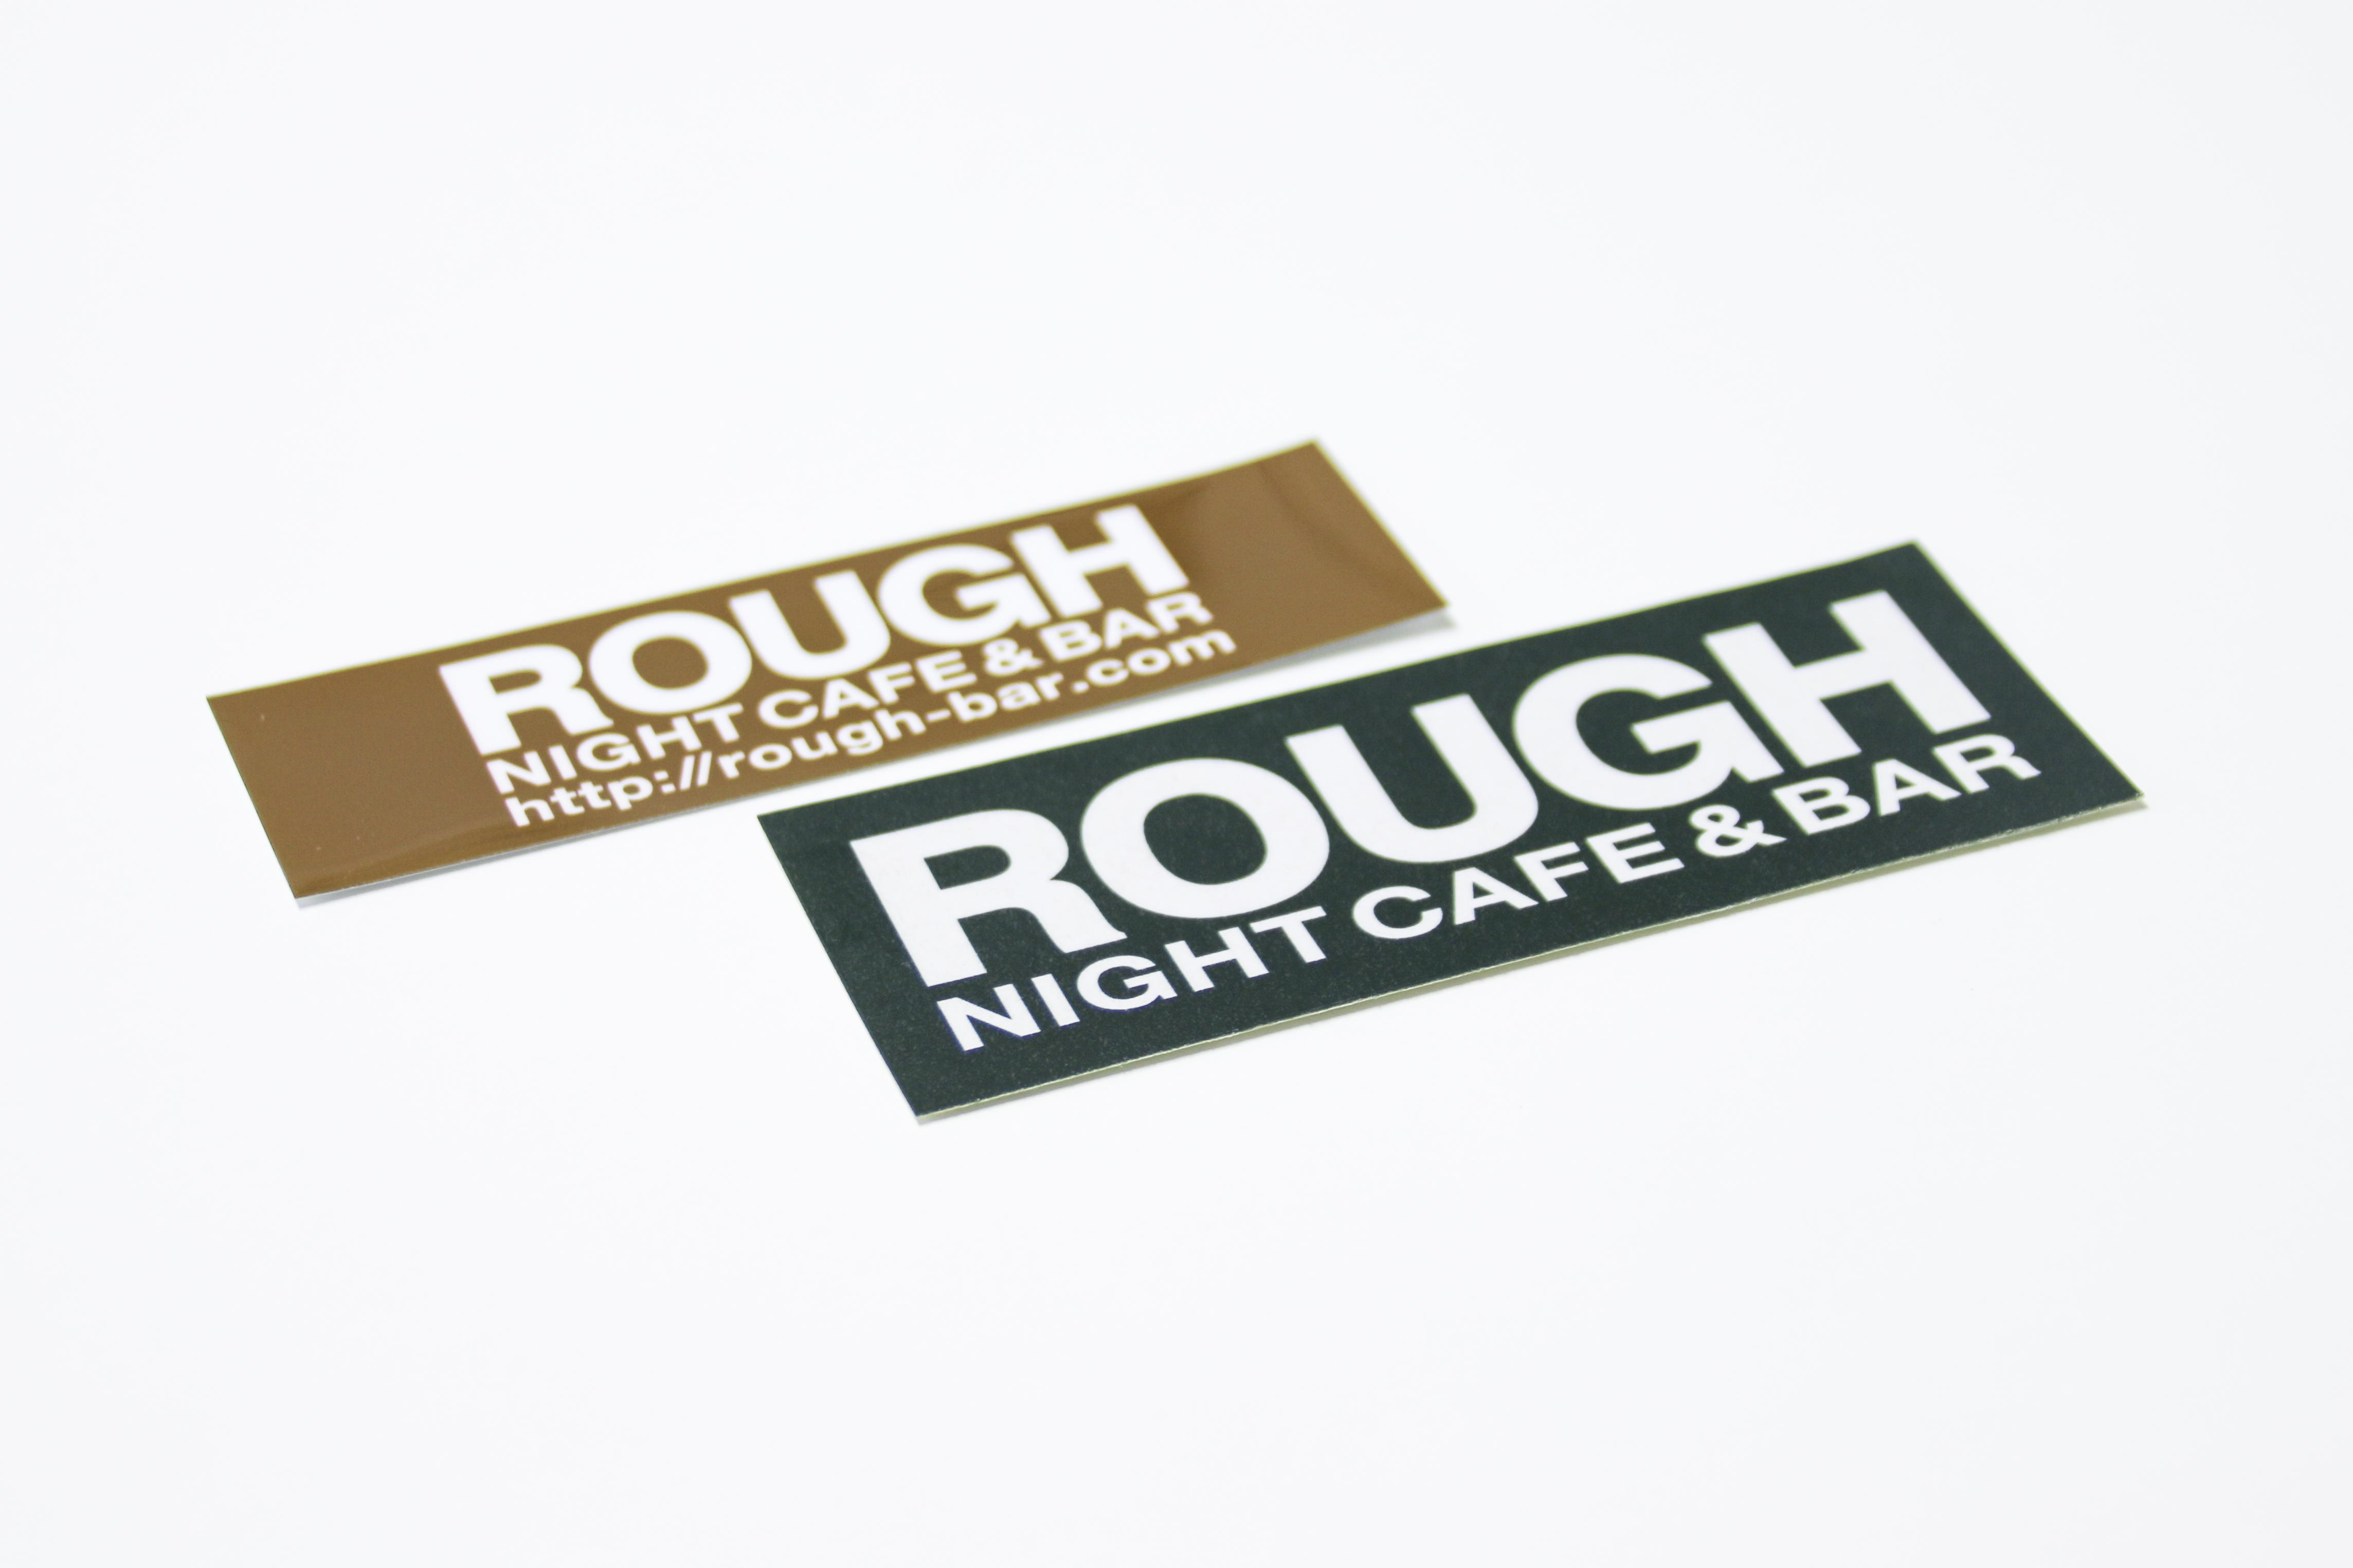 ROUGH NIGHT CAFF & BAR ステッカー